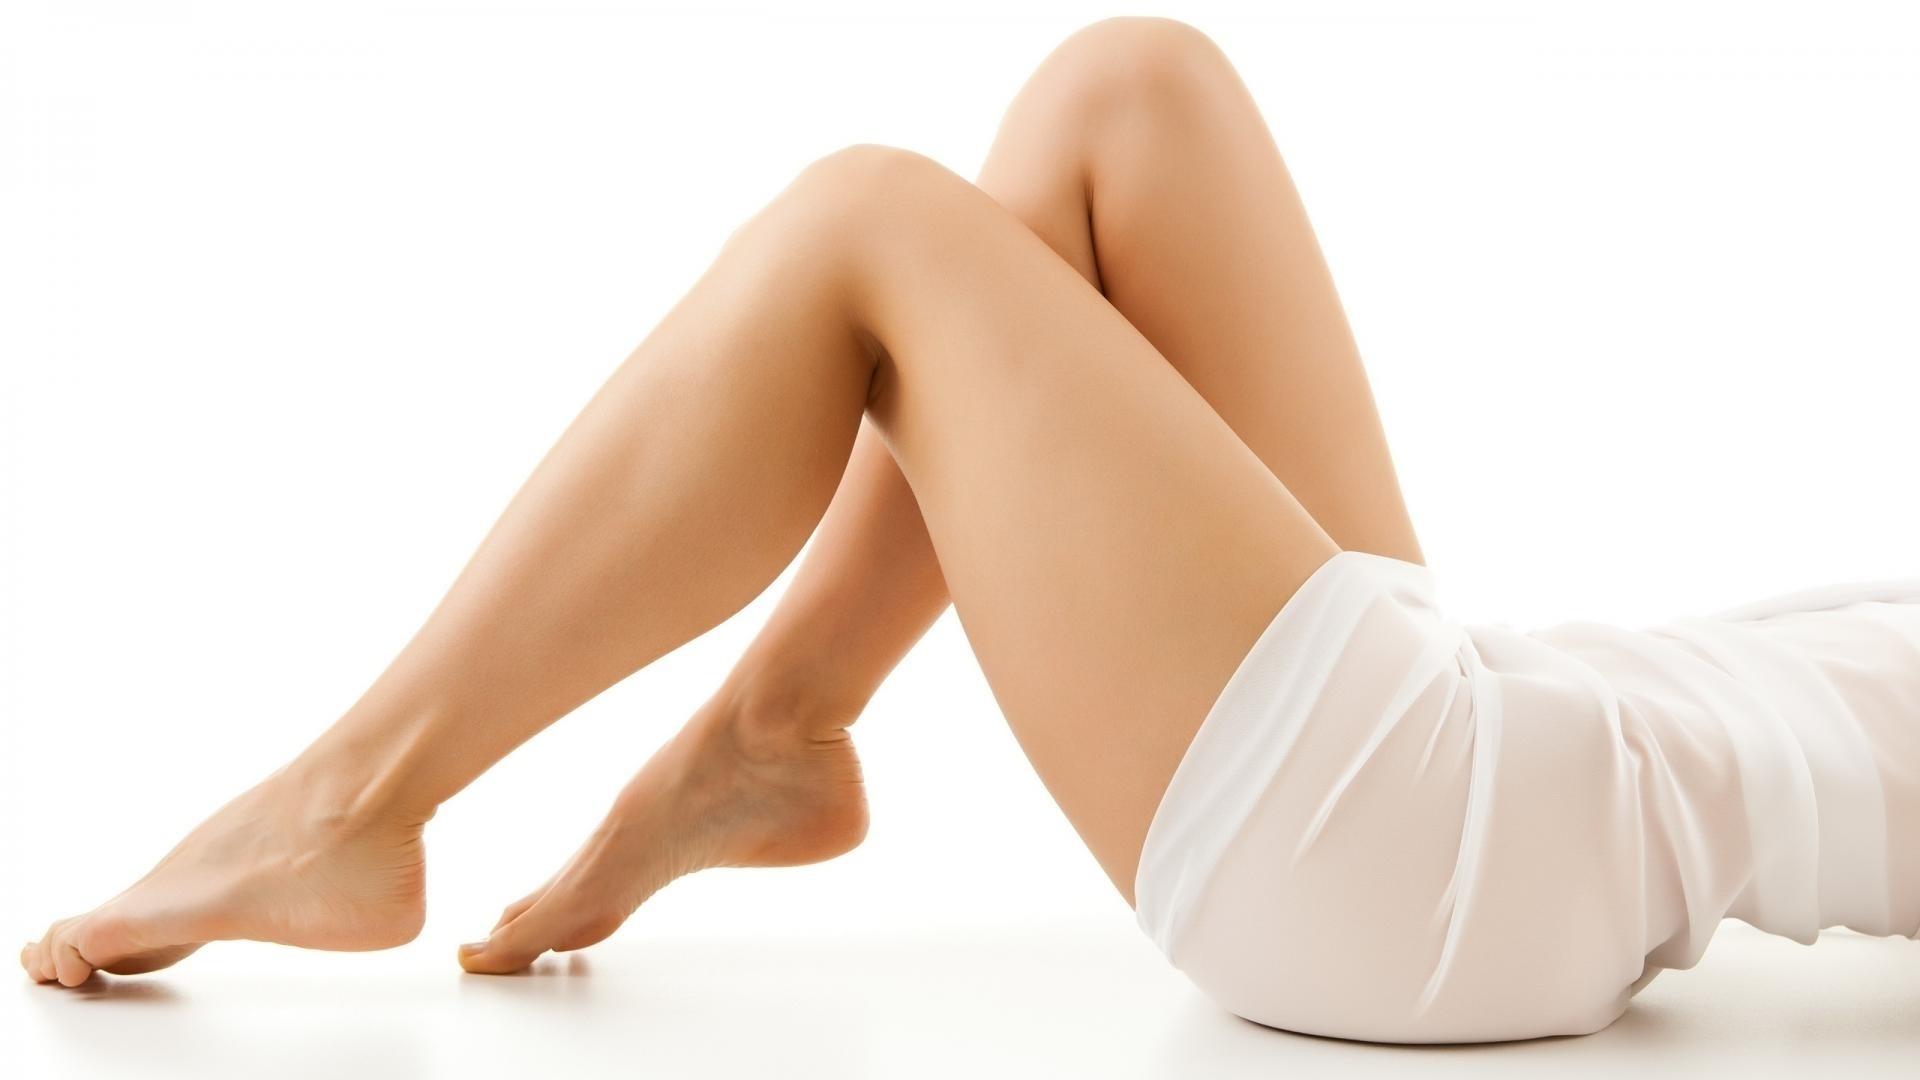 Просмотр женская нога 5 фотография